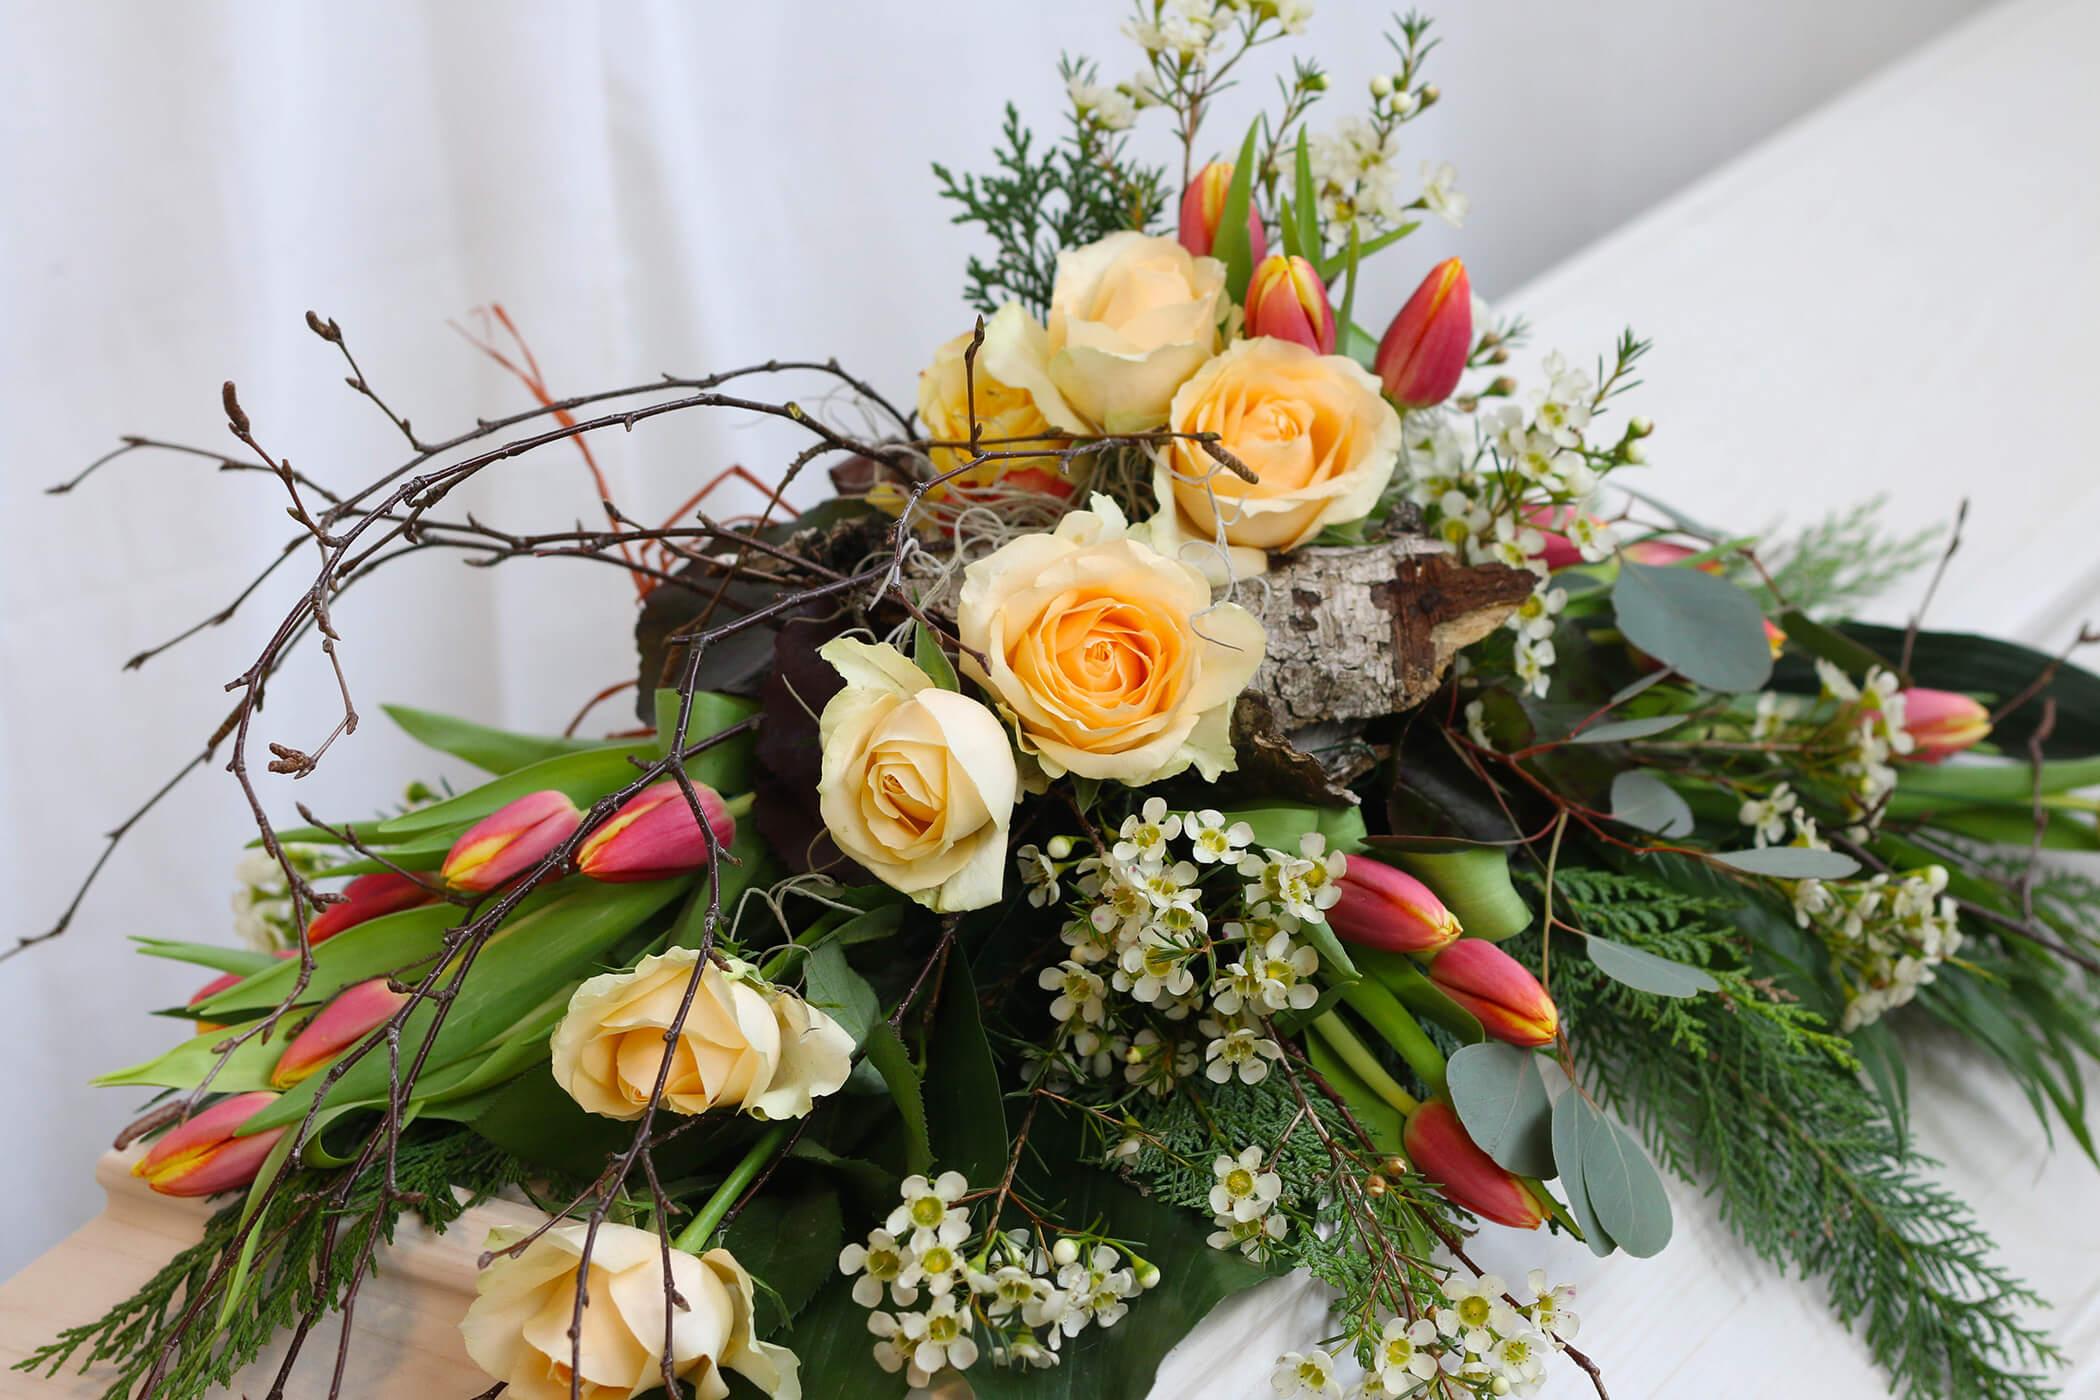 Denna kistdekoration bygger på mycket naturmaterial. Med näver, björkris och vaxblomma som bas har vi lagt till aprikos rosor och tulpaner. Det hela får en känsla av vår och natur. Blommorna varierar vi efter säsong.